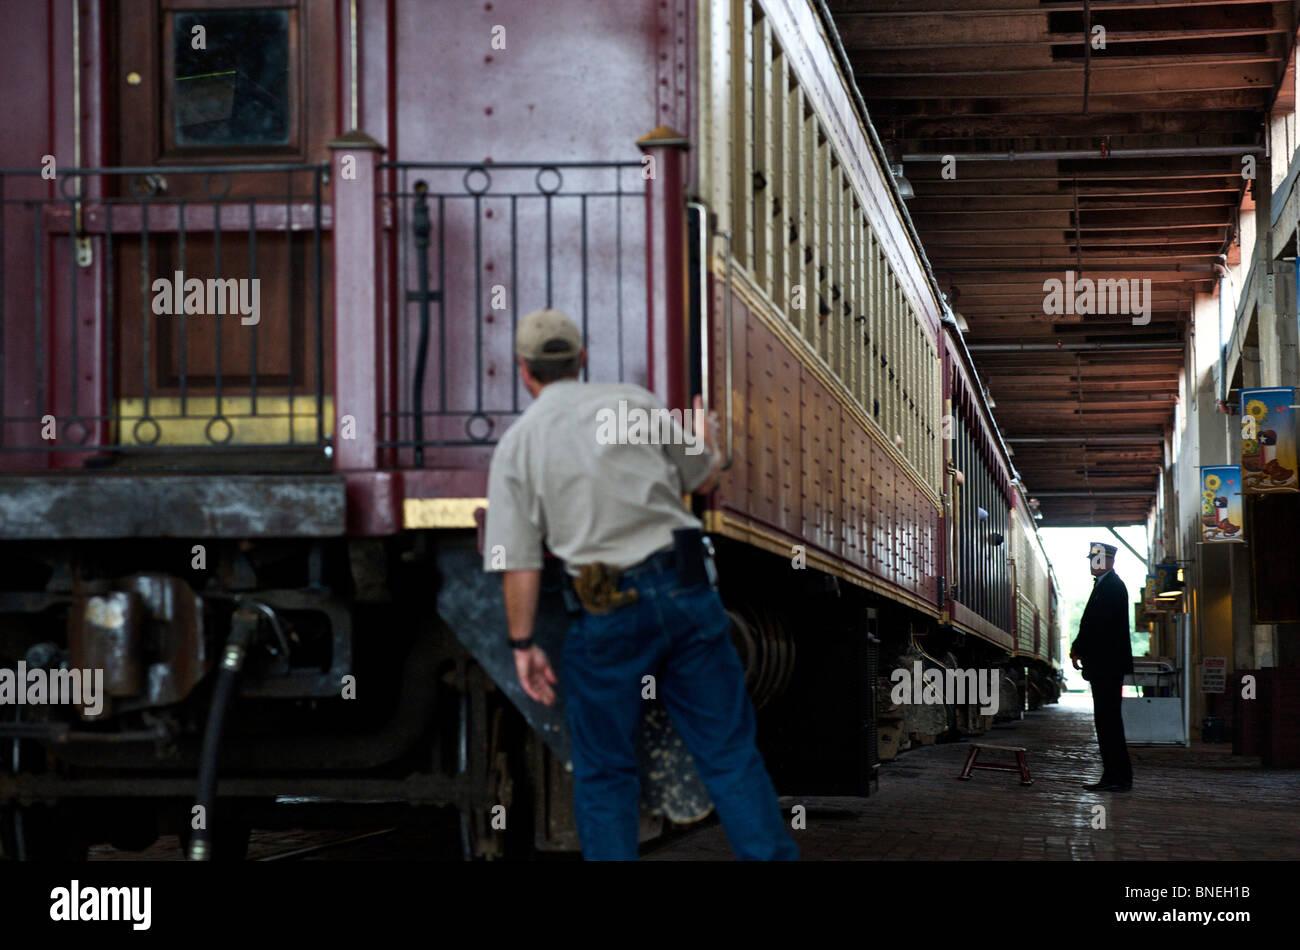 Vintage train touristique quitte la station en bestiaux, Fort Worth, Texas, États-Unis Banque D'Images